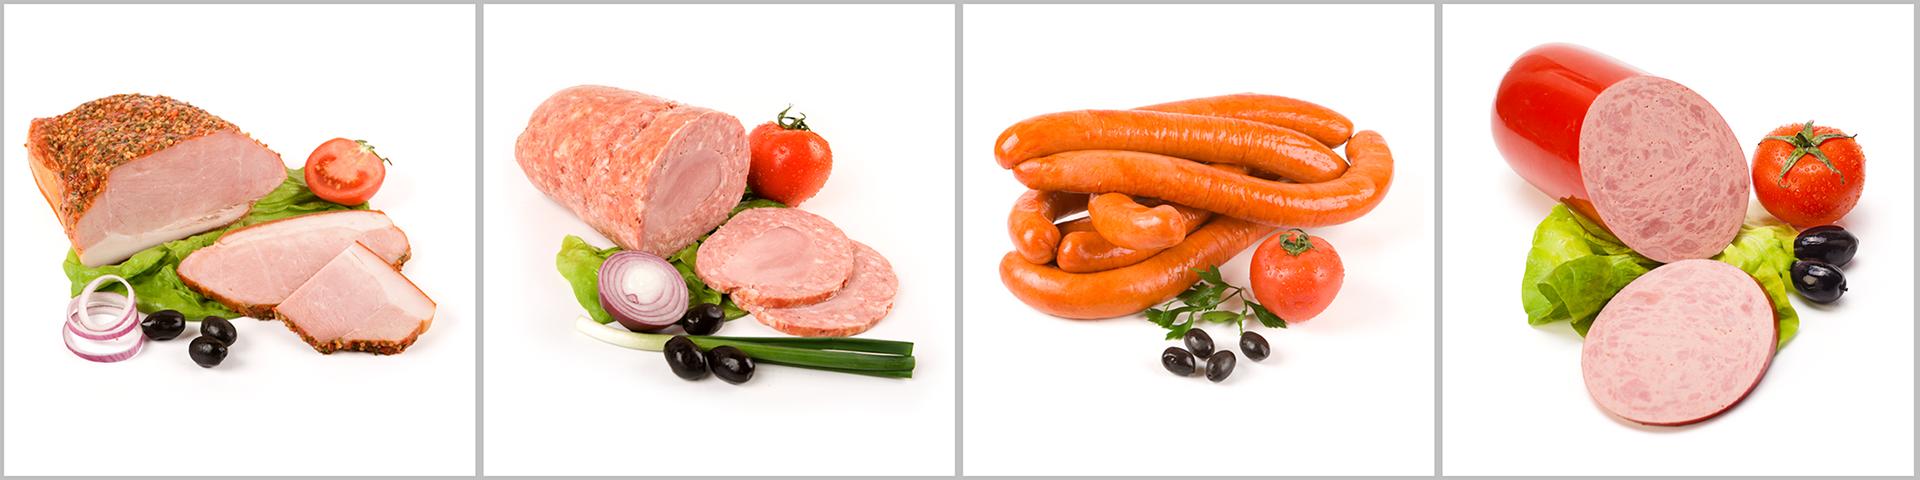 Élelmiszer termékfotók